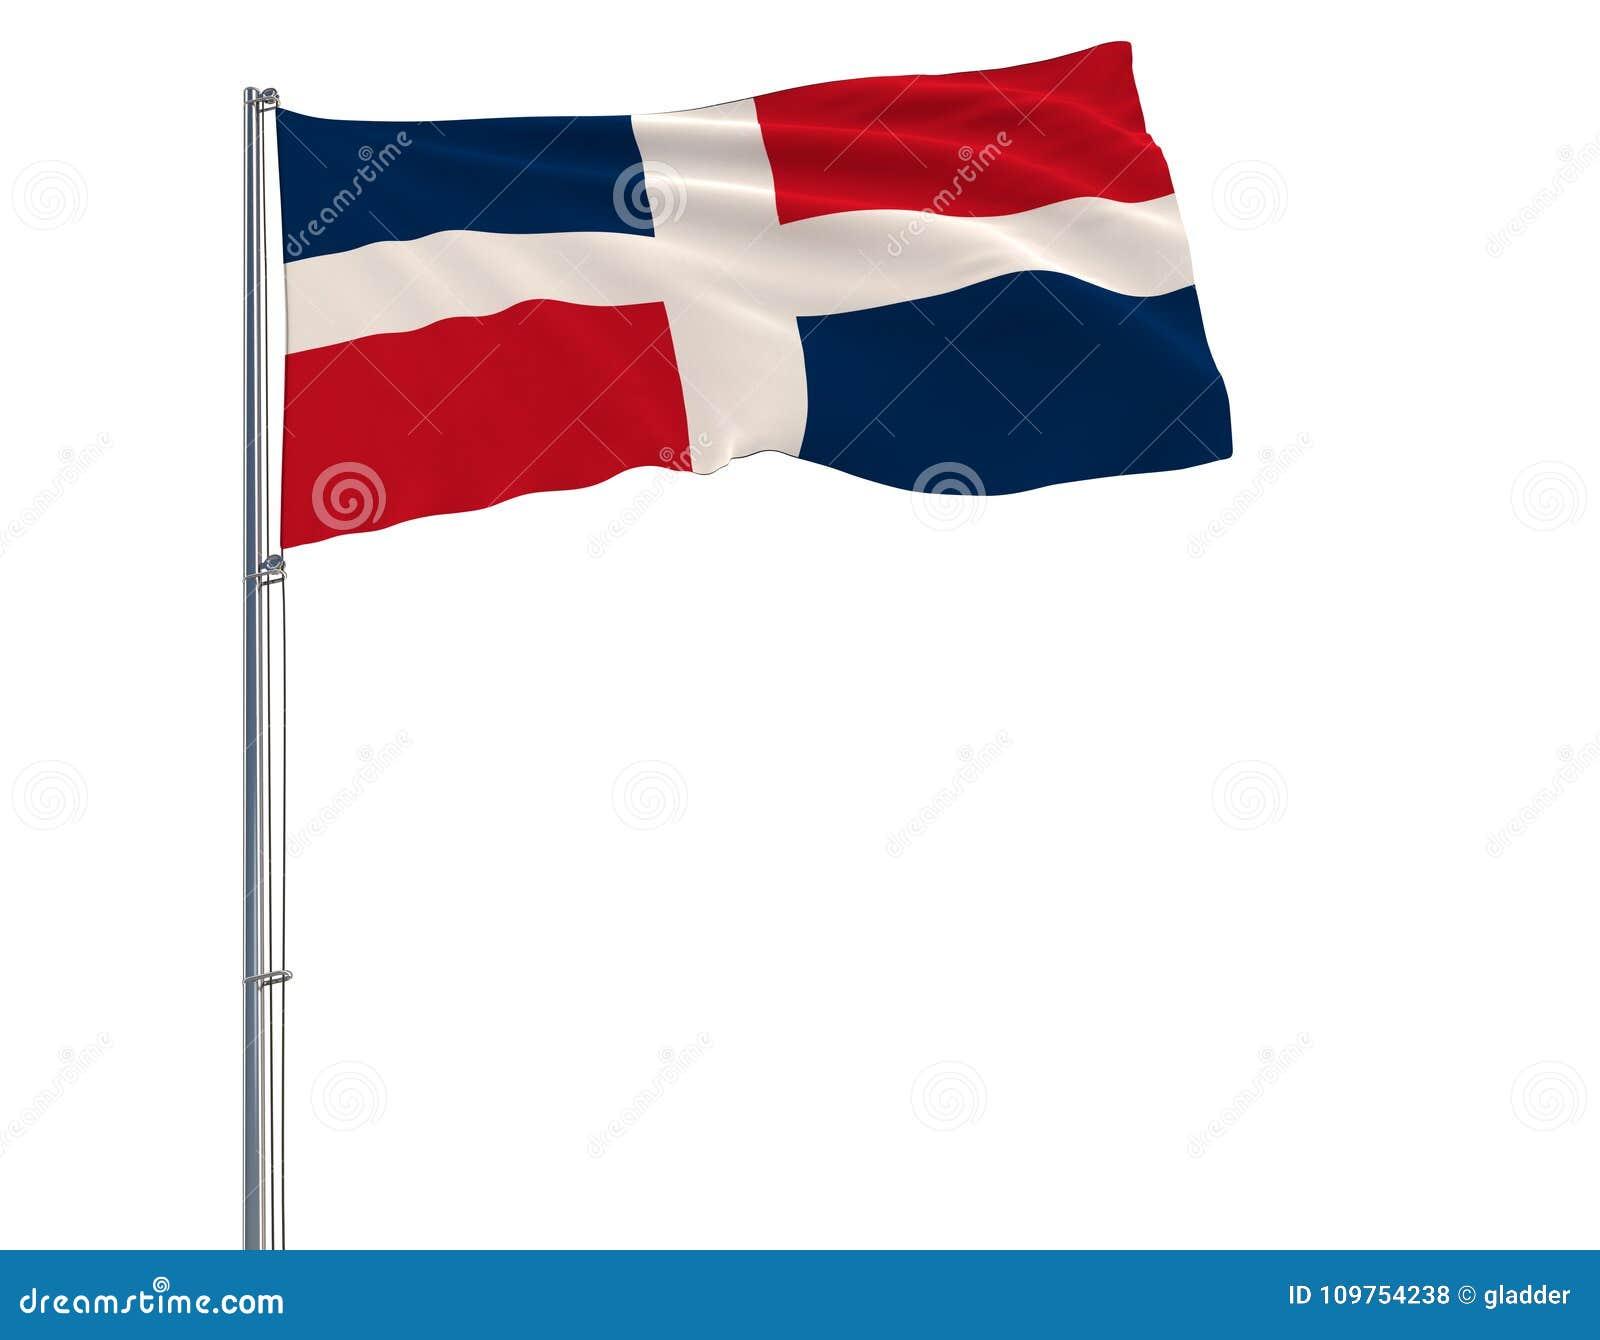 Drapeau de Dominicain sur le mât de drapeau flottant dans le vent sur le fond blanc, rendu 3d